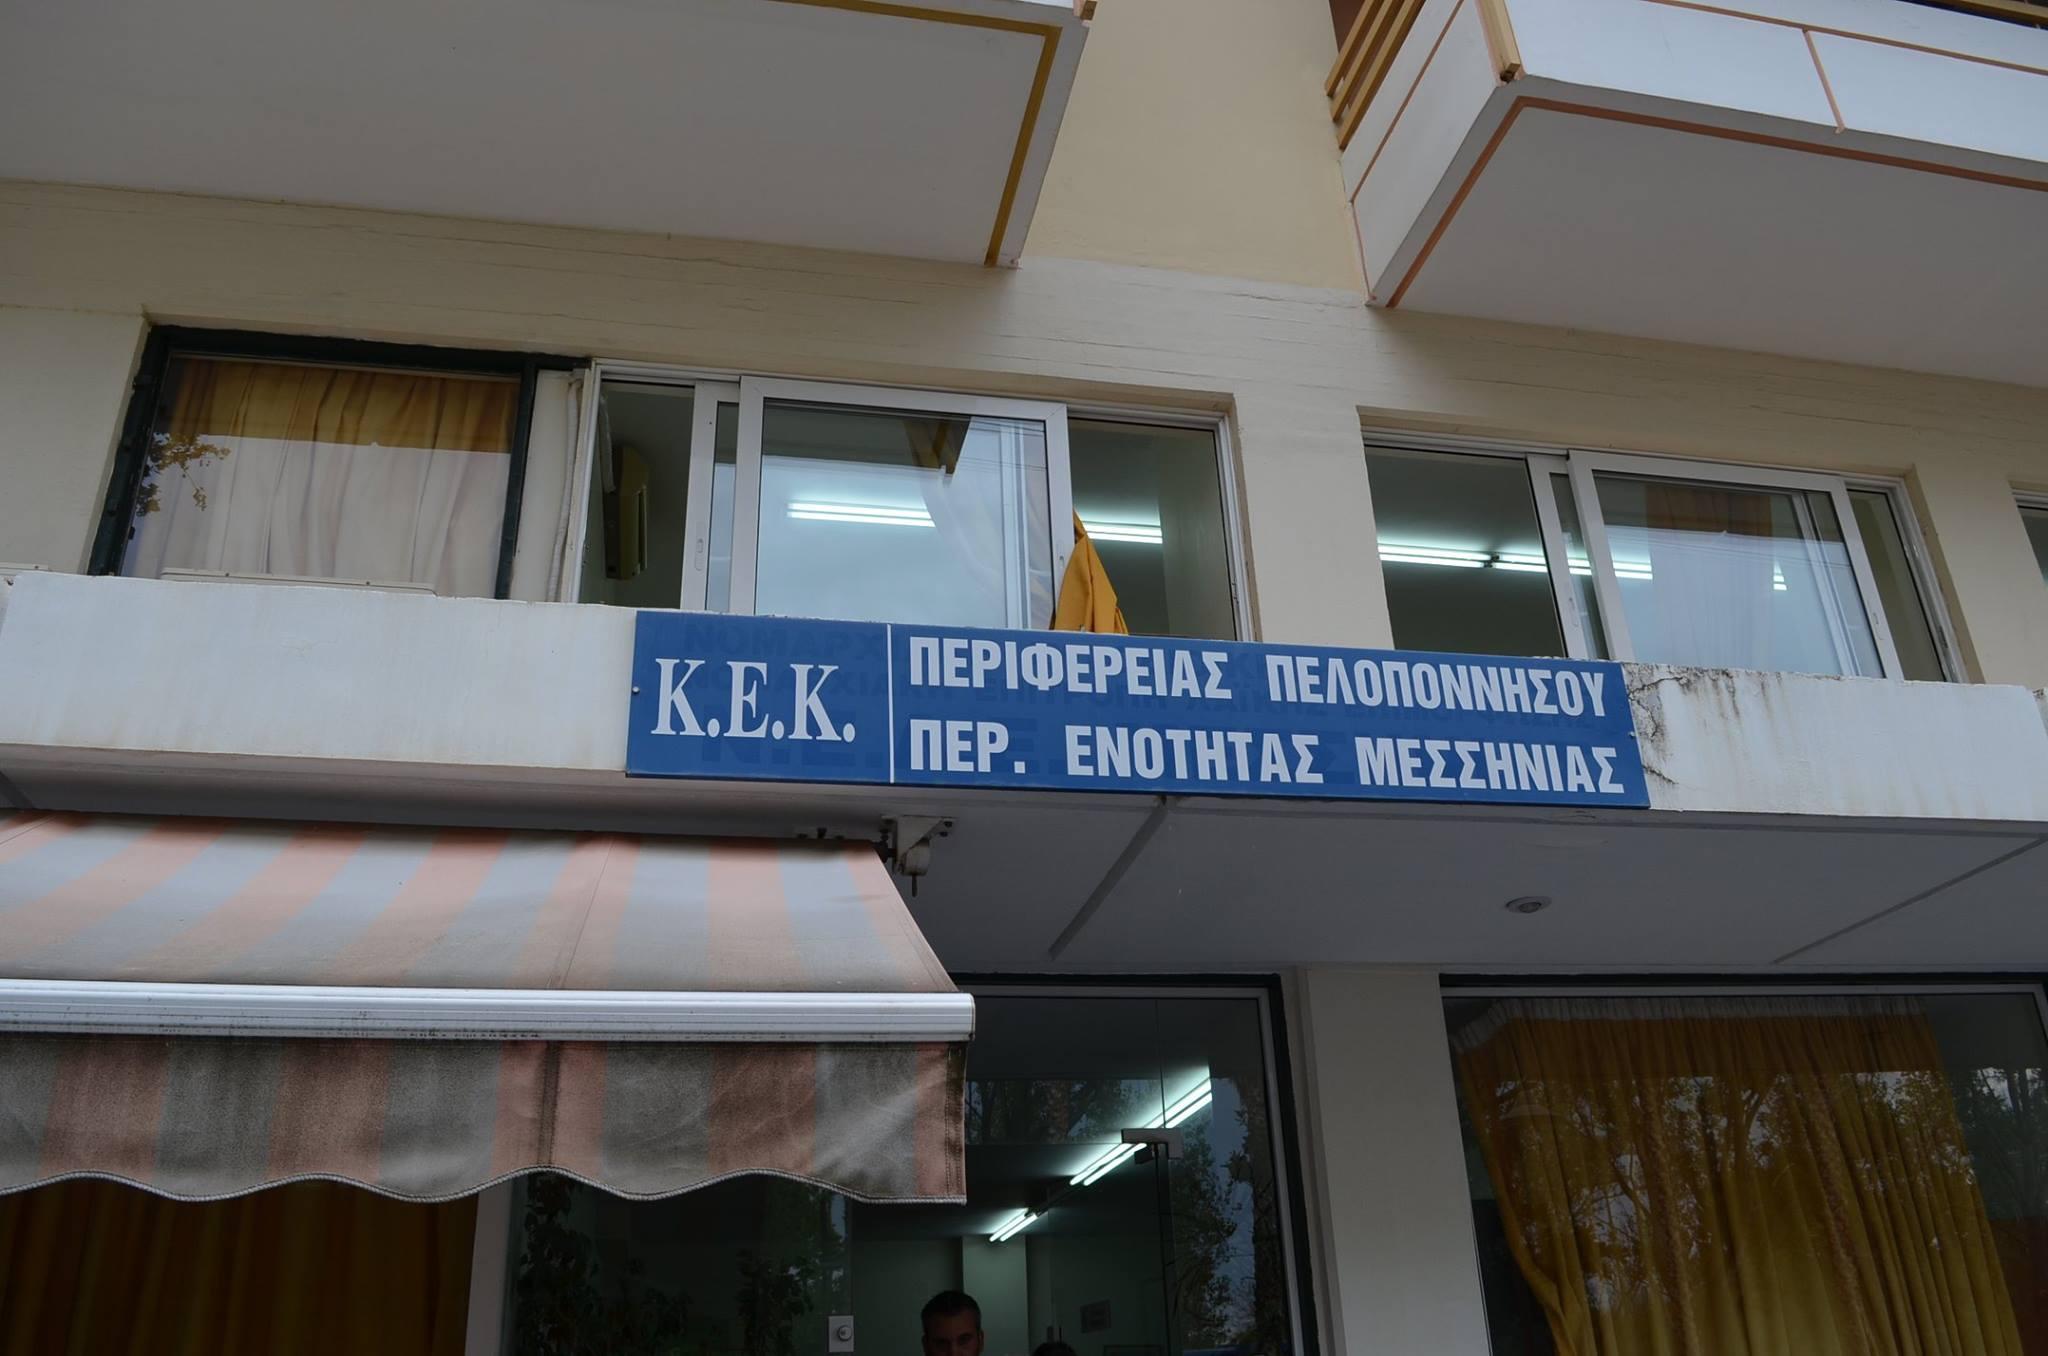 Κ.Ε.Κ. Π.Ε. Μεσσηνίας: Προγράμματα μαθημάτων σε Συλλόγους και τοπικές κοινότητες